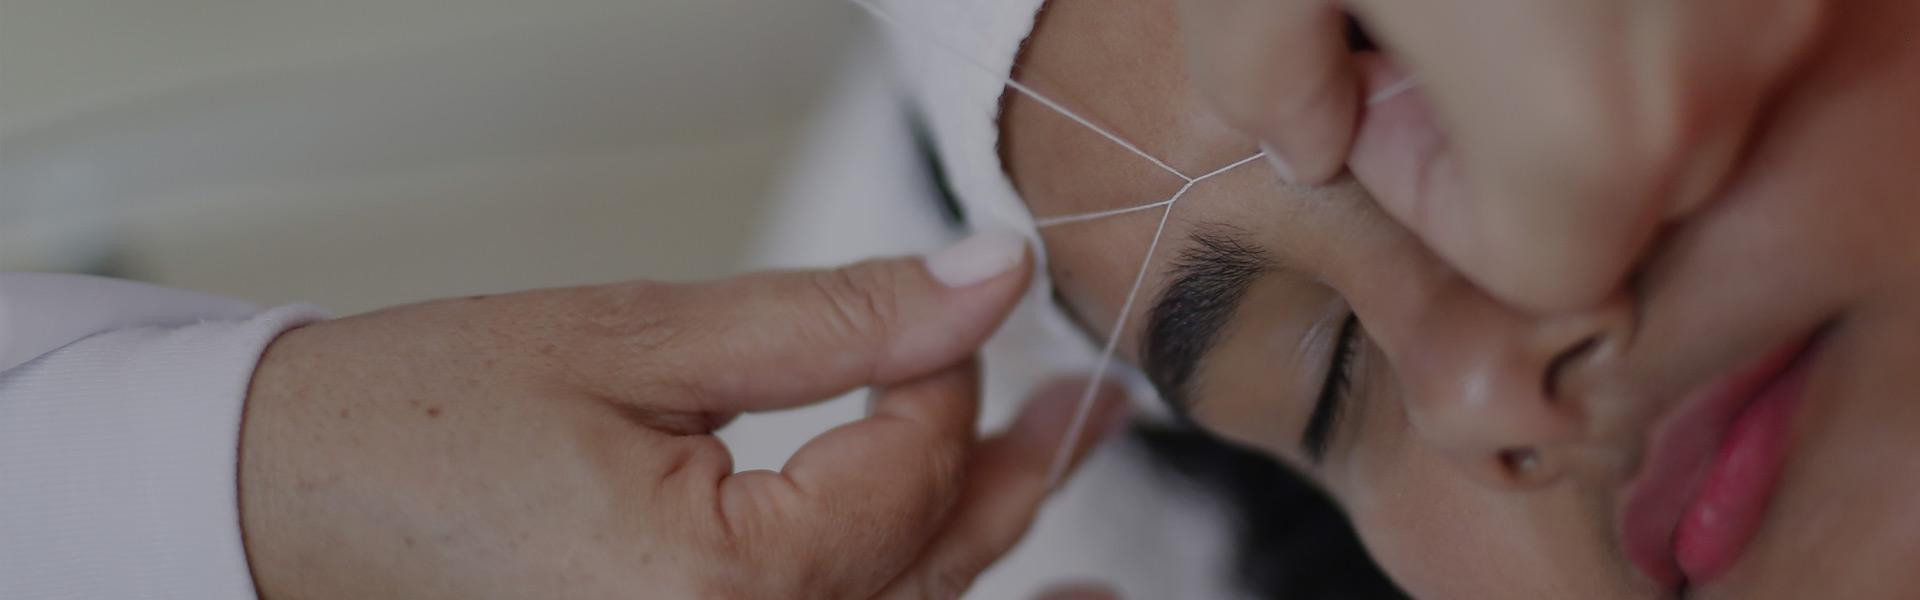 DEPILAÇÃO FACIAL COM LINHA A Depilação do Rosto com Linha usando técnica oriental egípcia do Studio Sandra Martins proporciona uma depilação muito mais precisa para peles sensíveis.